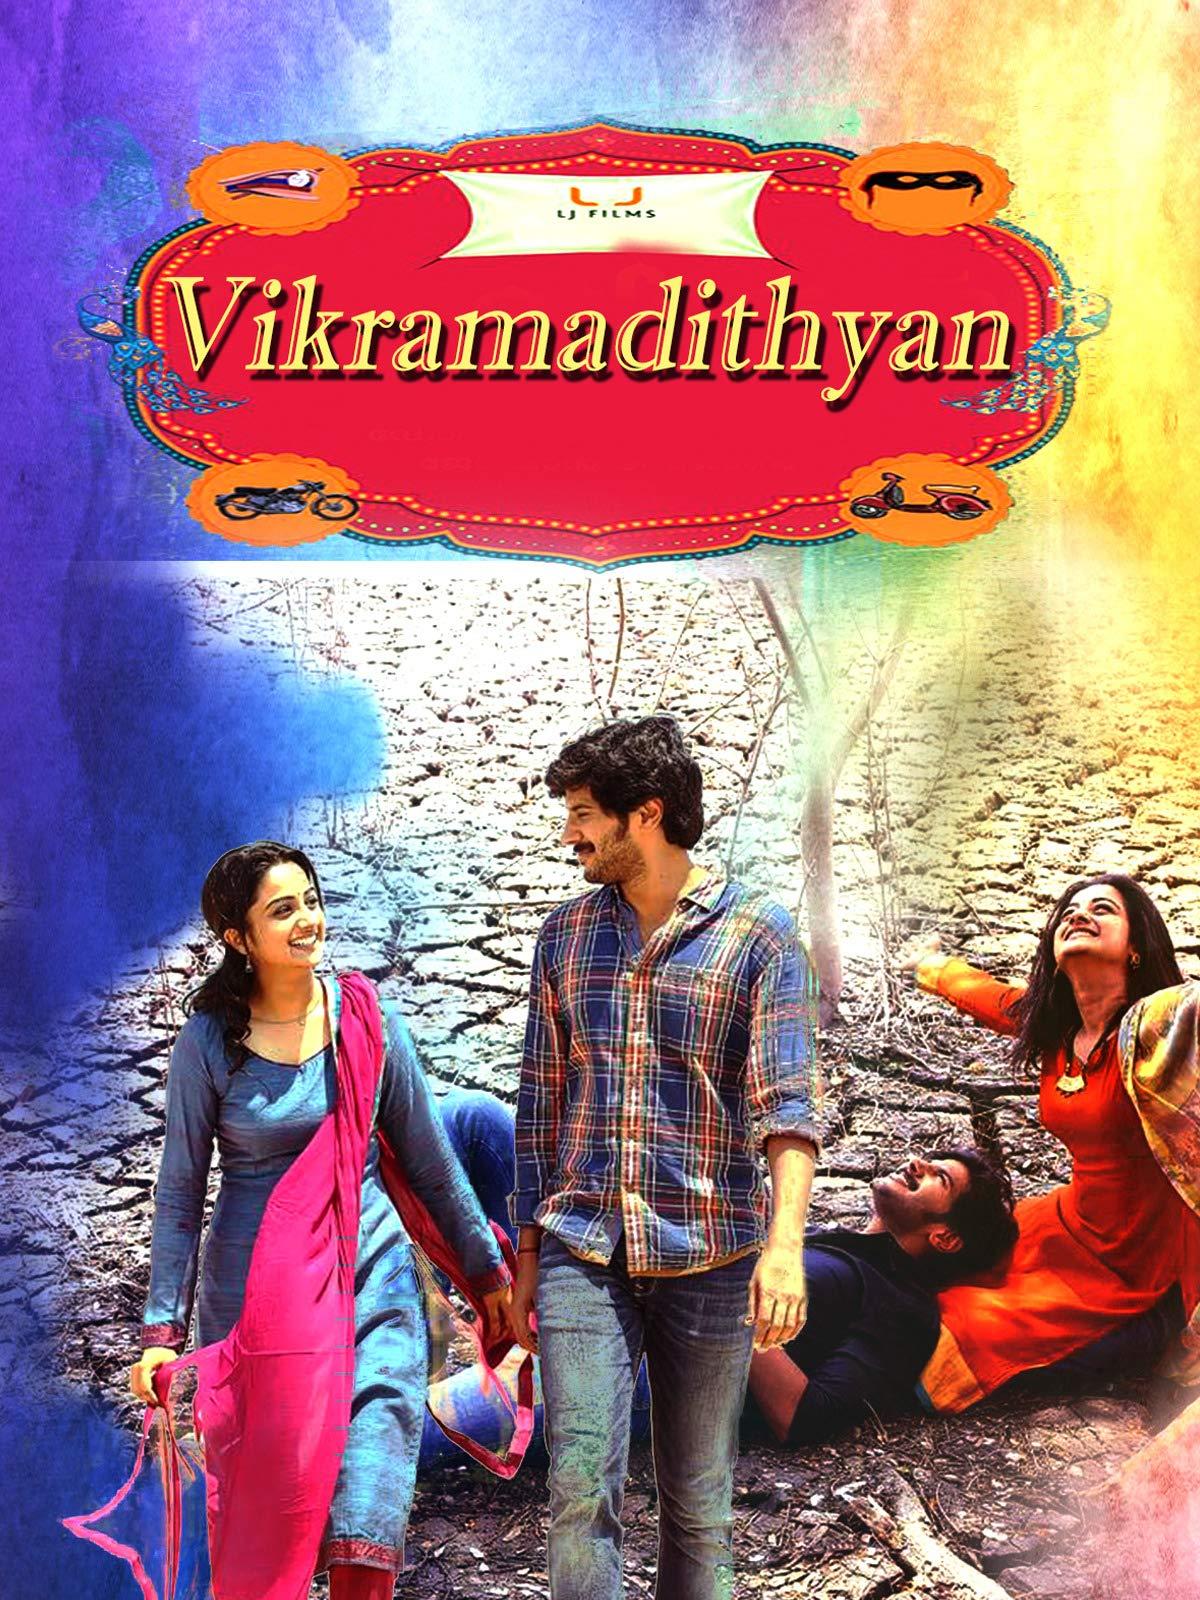 Vikramadithyan